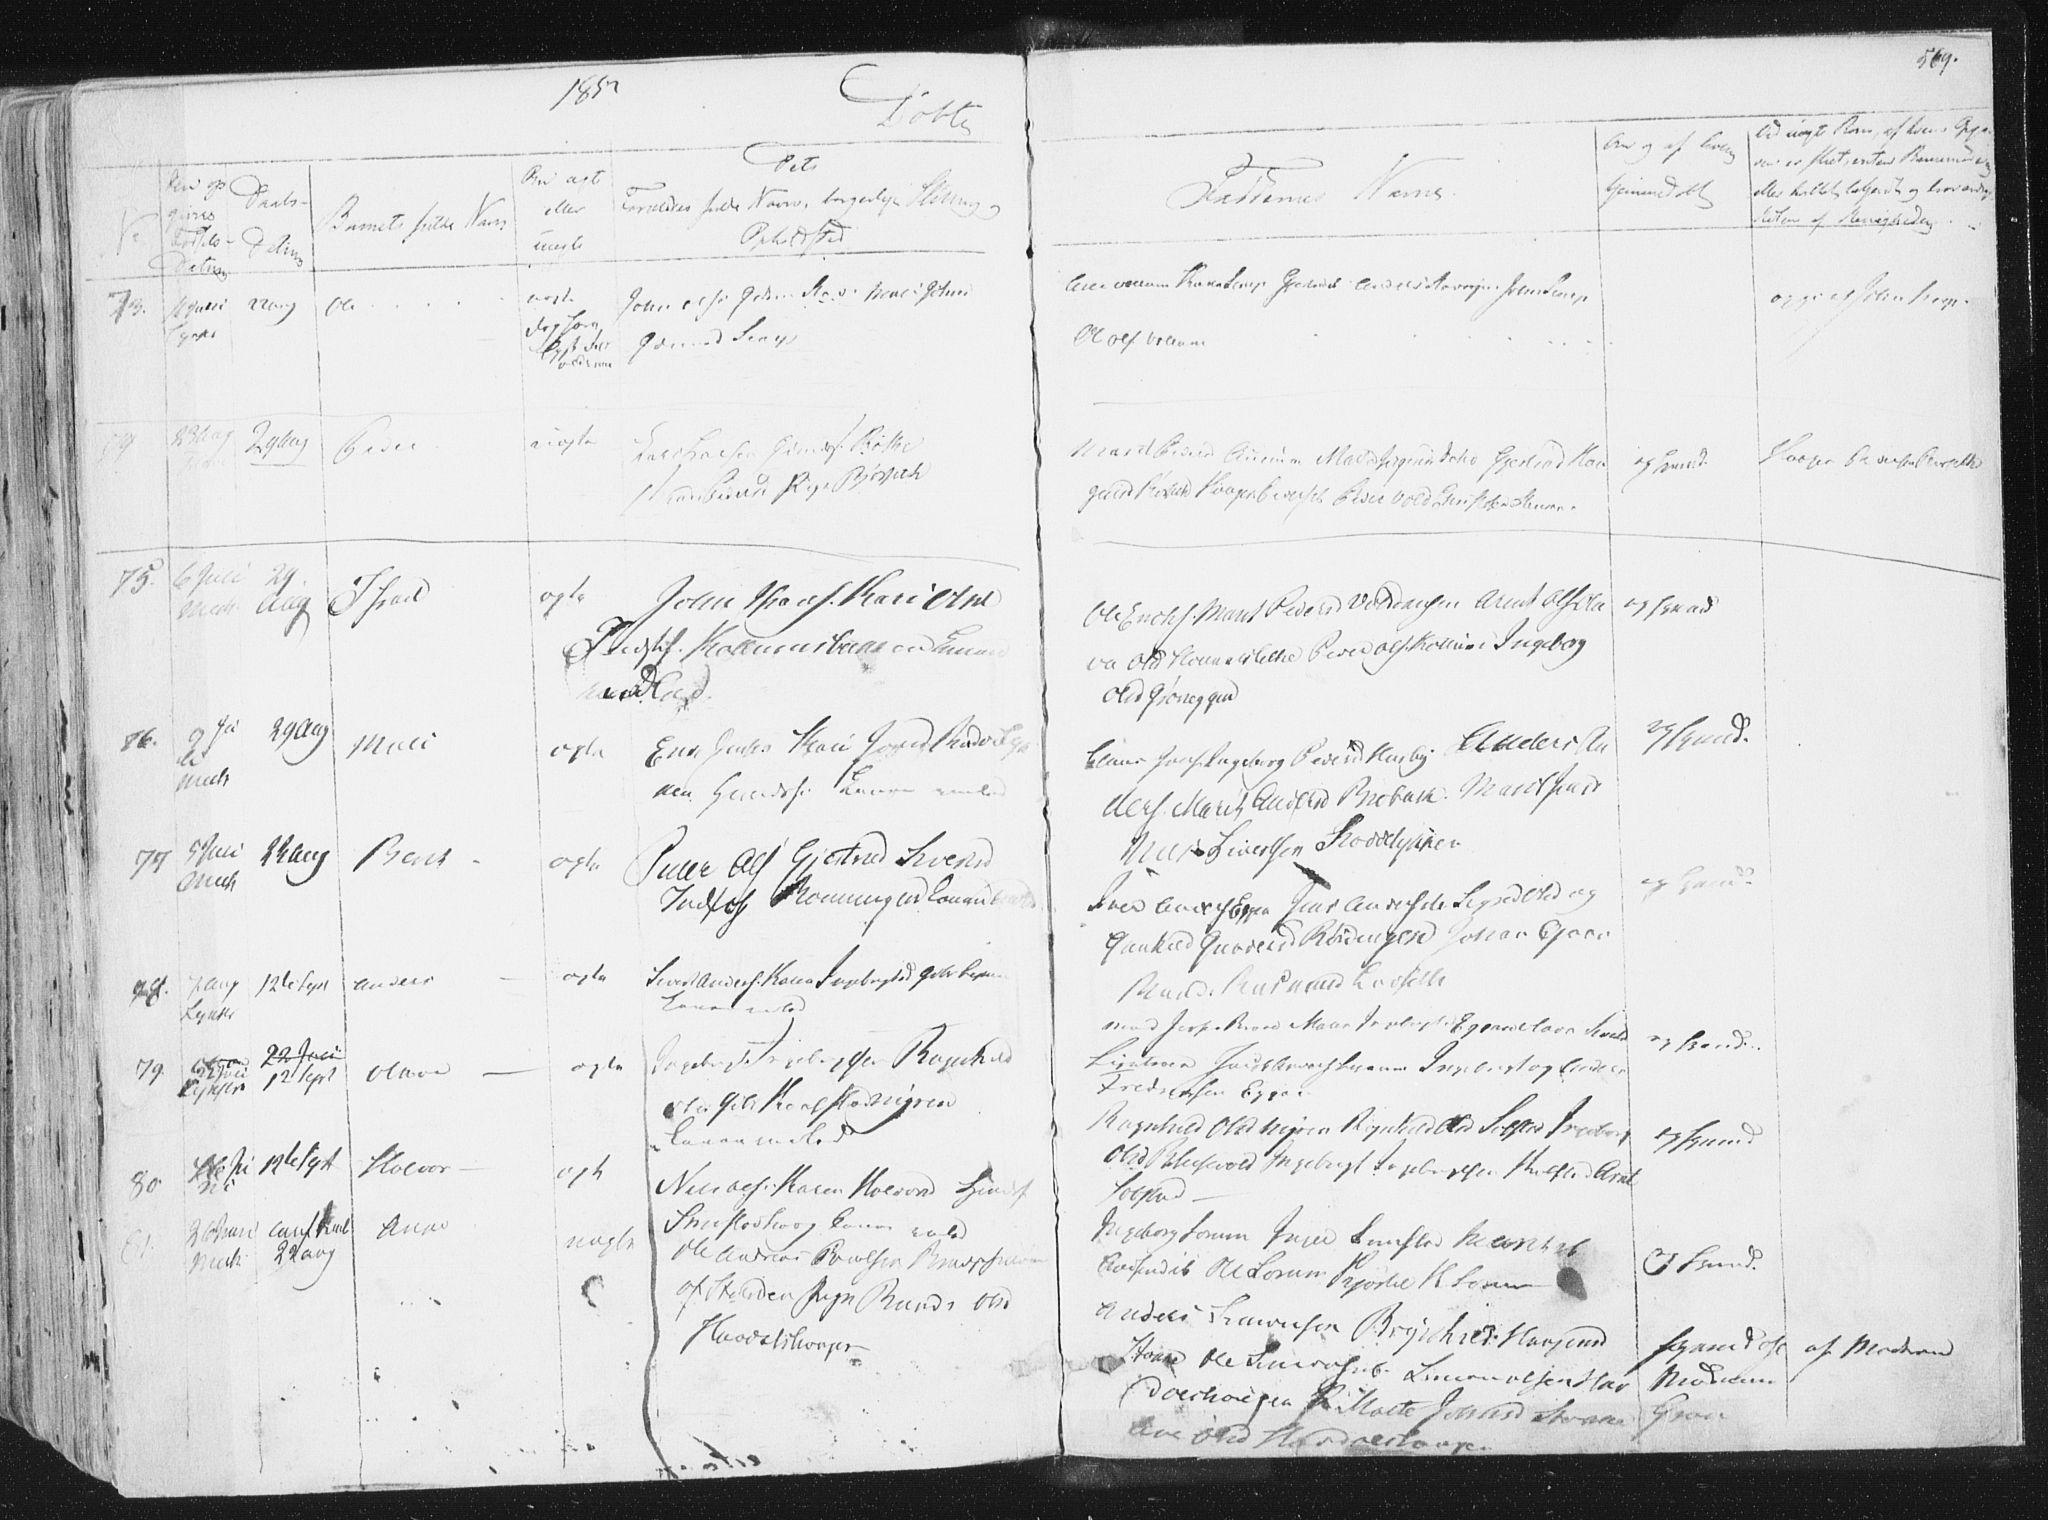 SAT, Ministerialprotokoller, klokkerbøker og fødselsregistre - Sør-Trøndelag, 691/L1074: Ministerialbok nr. 691A06, 1842-1852, s. 569